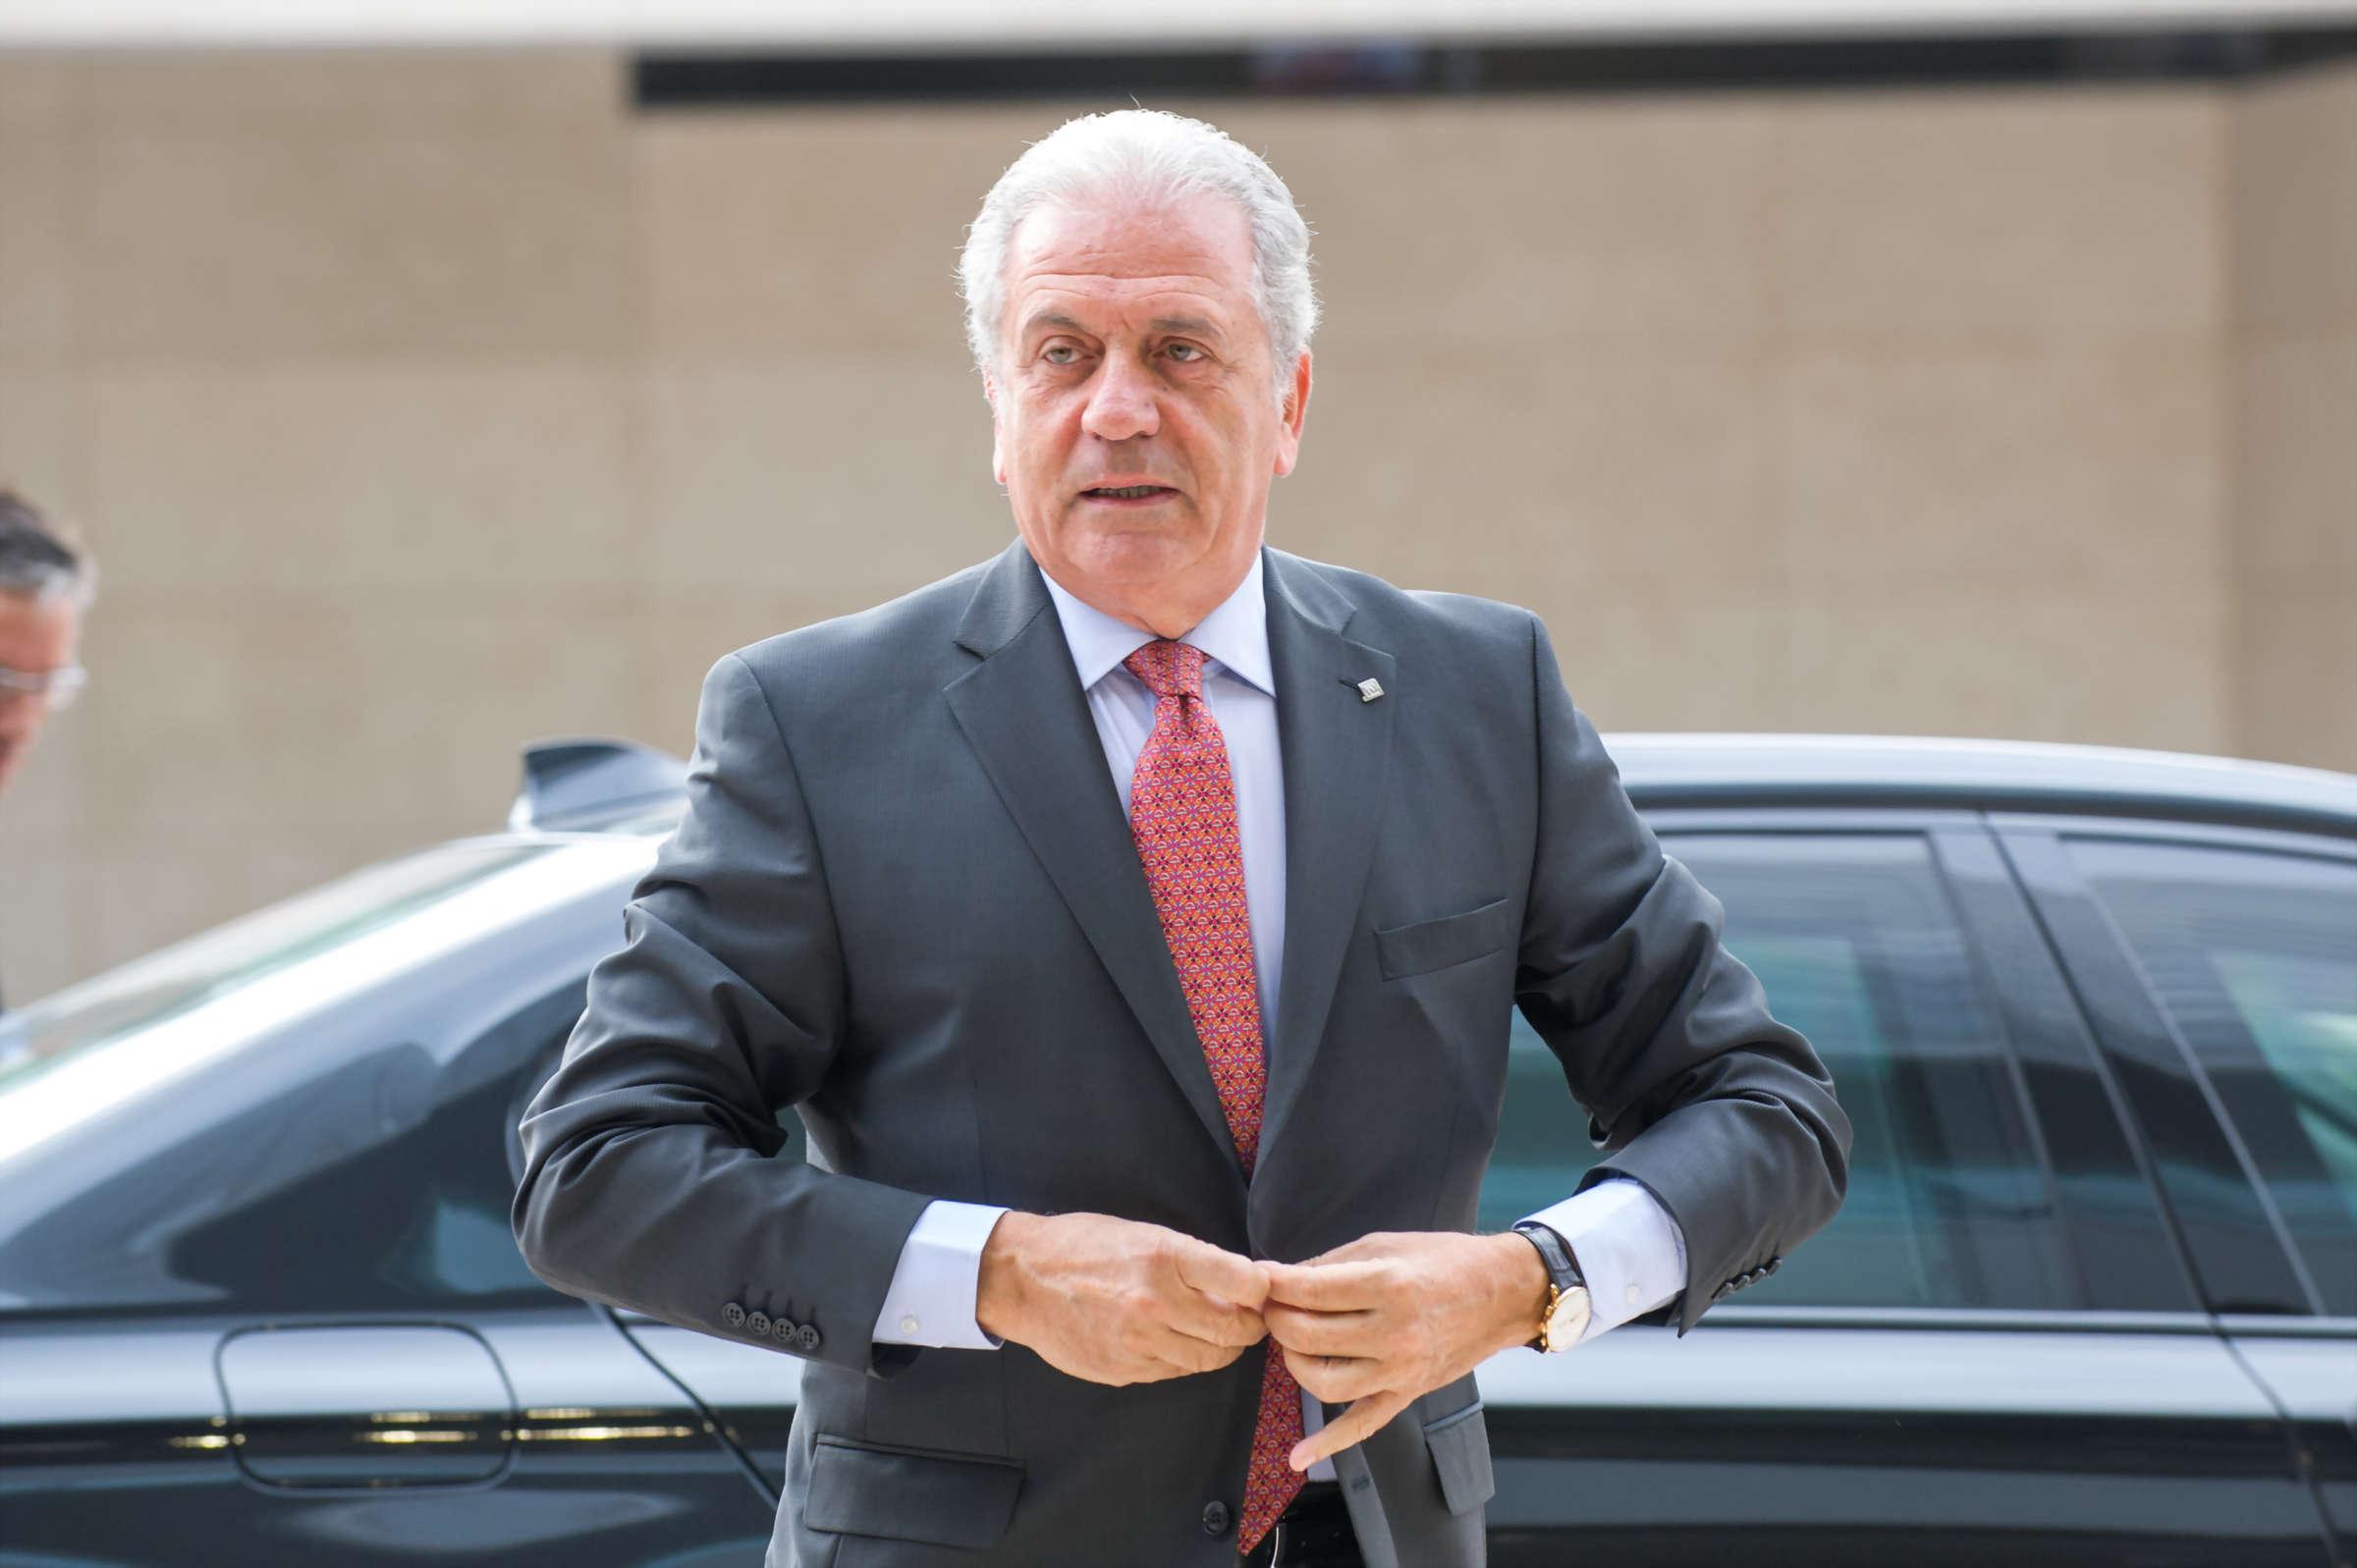 Povjerenik za unutarnje poslove Avramopoulos kaže da Hrvatska zaslužuje ocjenu o spremnosti za Schengen